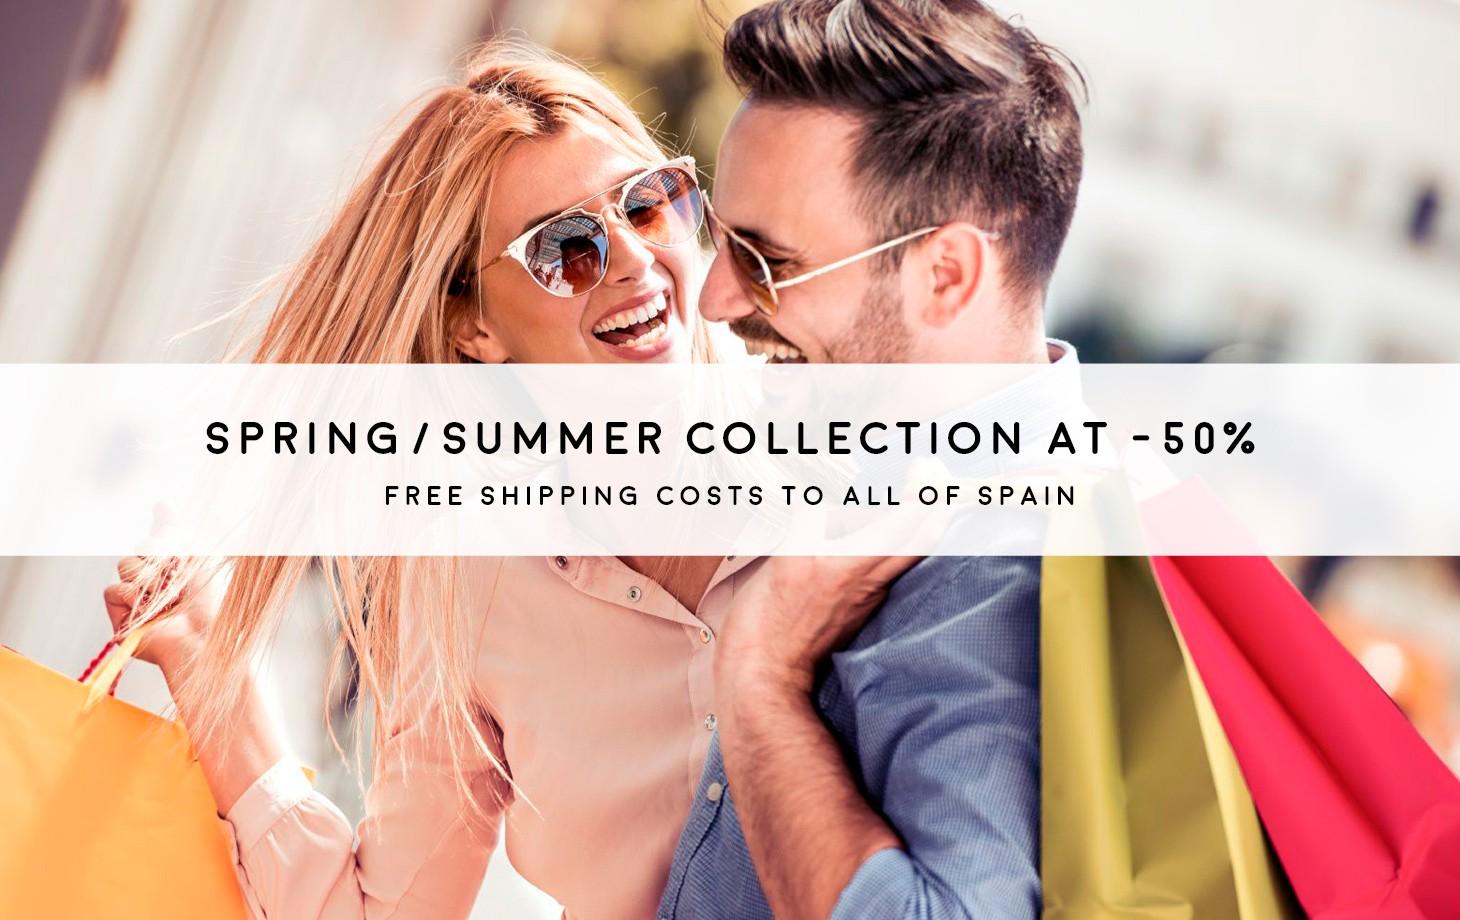 Коллекция весна-лето на -50%. БЕСПЛАТНАЯ доставка по всей Испании.